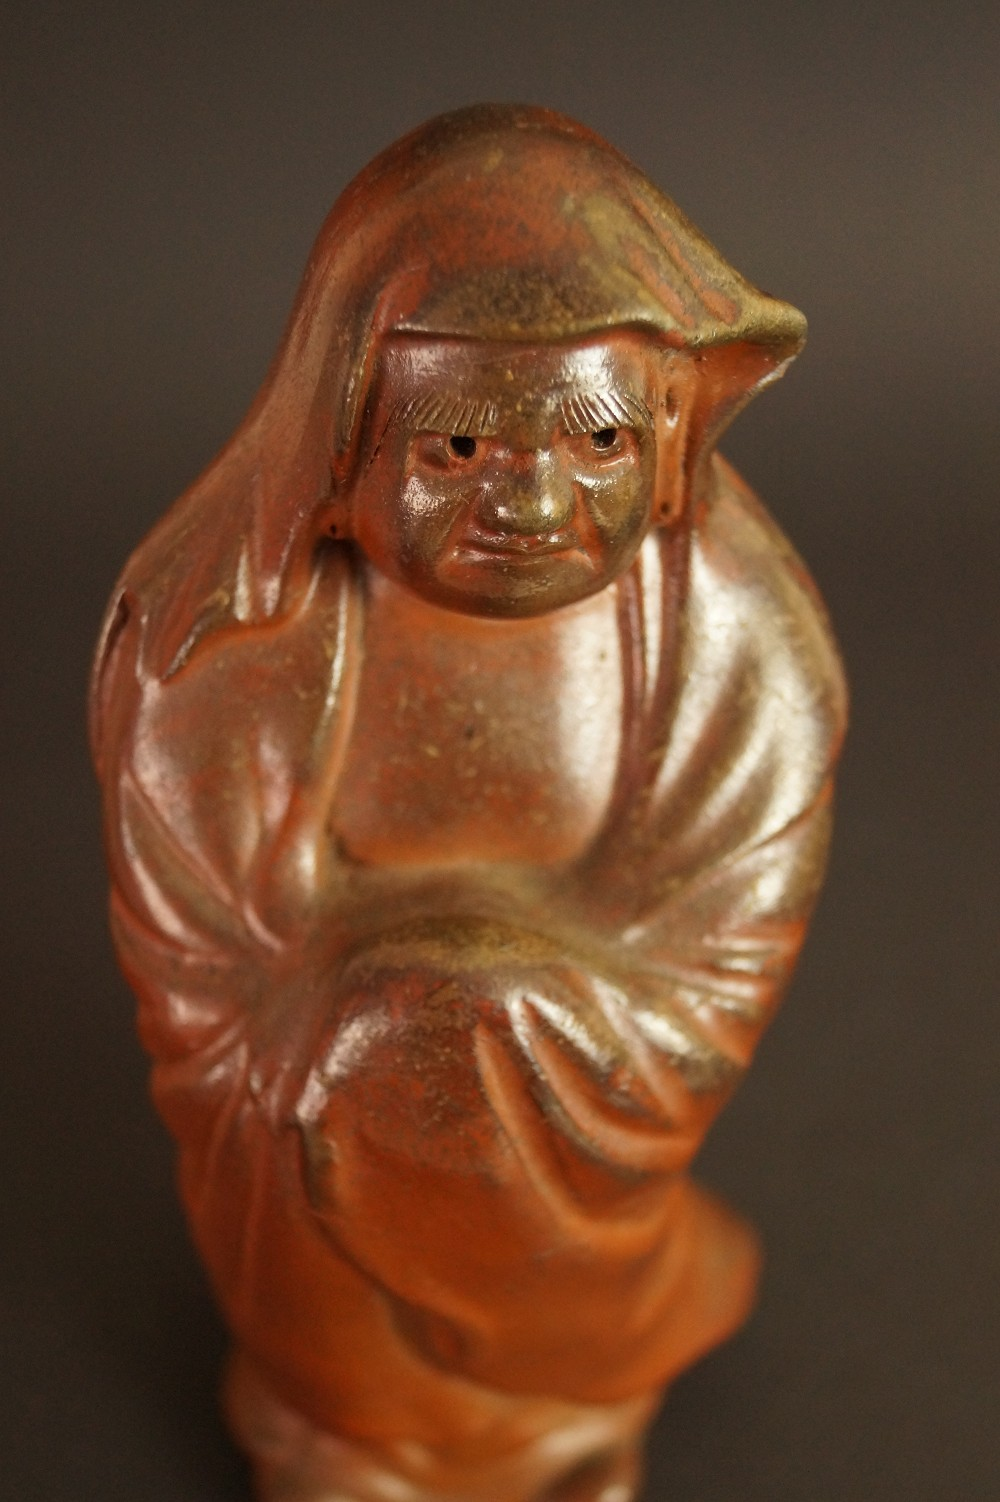 Japanische Bodhidharma (Daruma) Figur aus Bizen-Keramik